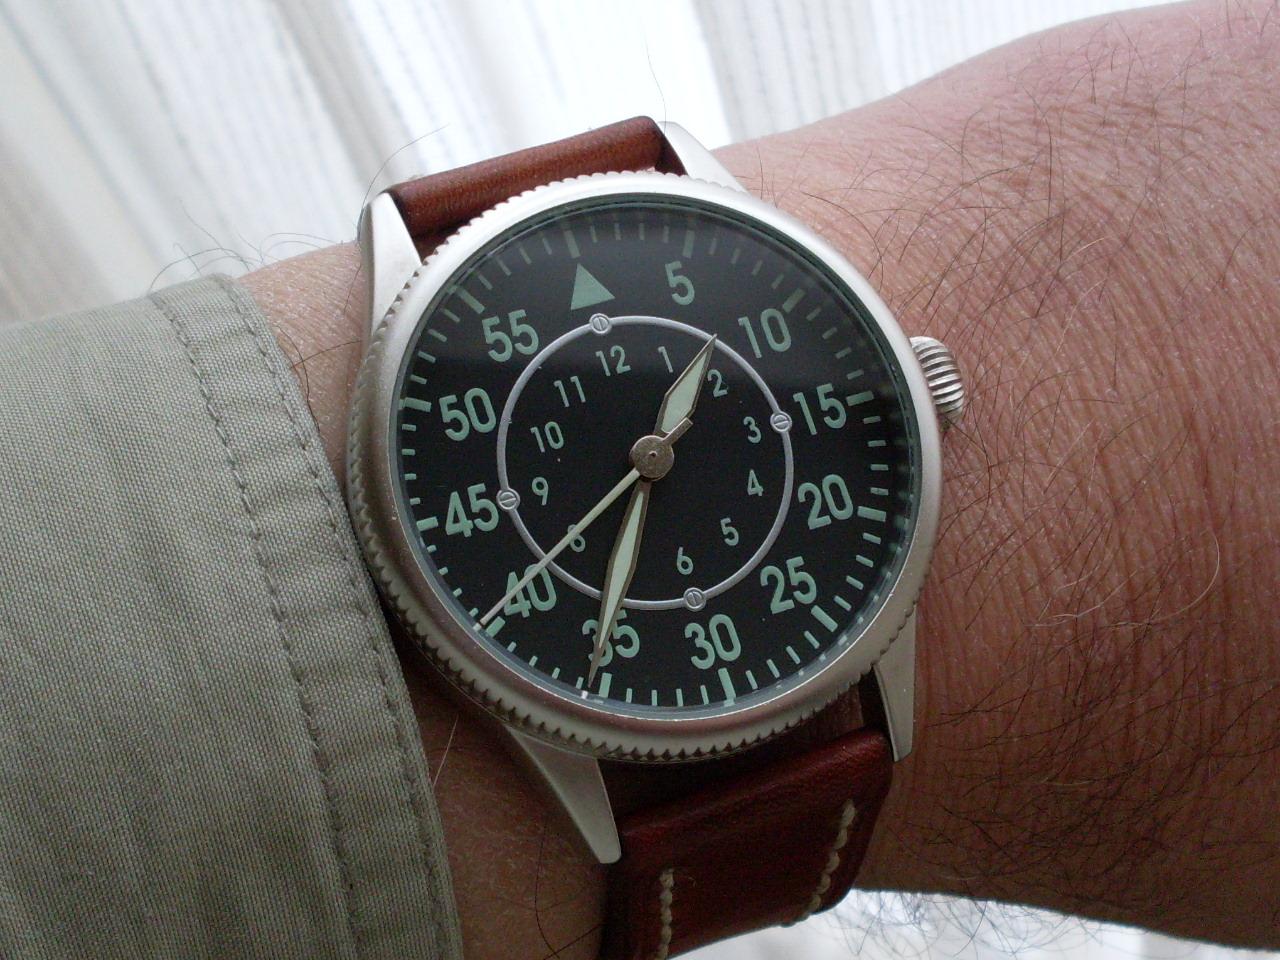 Die Billigste Fliegeruhr 45mm Der Welt Oder Wie Man Mit 4 90 Euro Eine Uhr Retten Kann Uhrforum